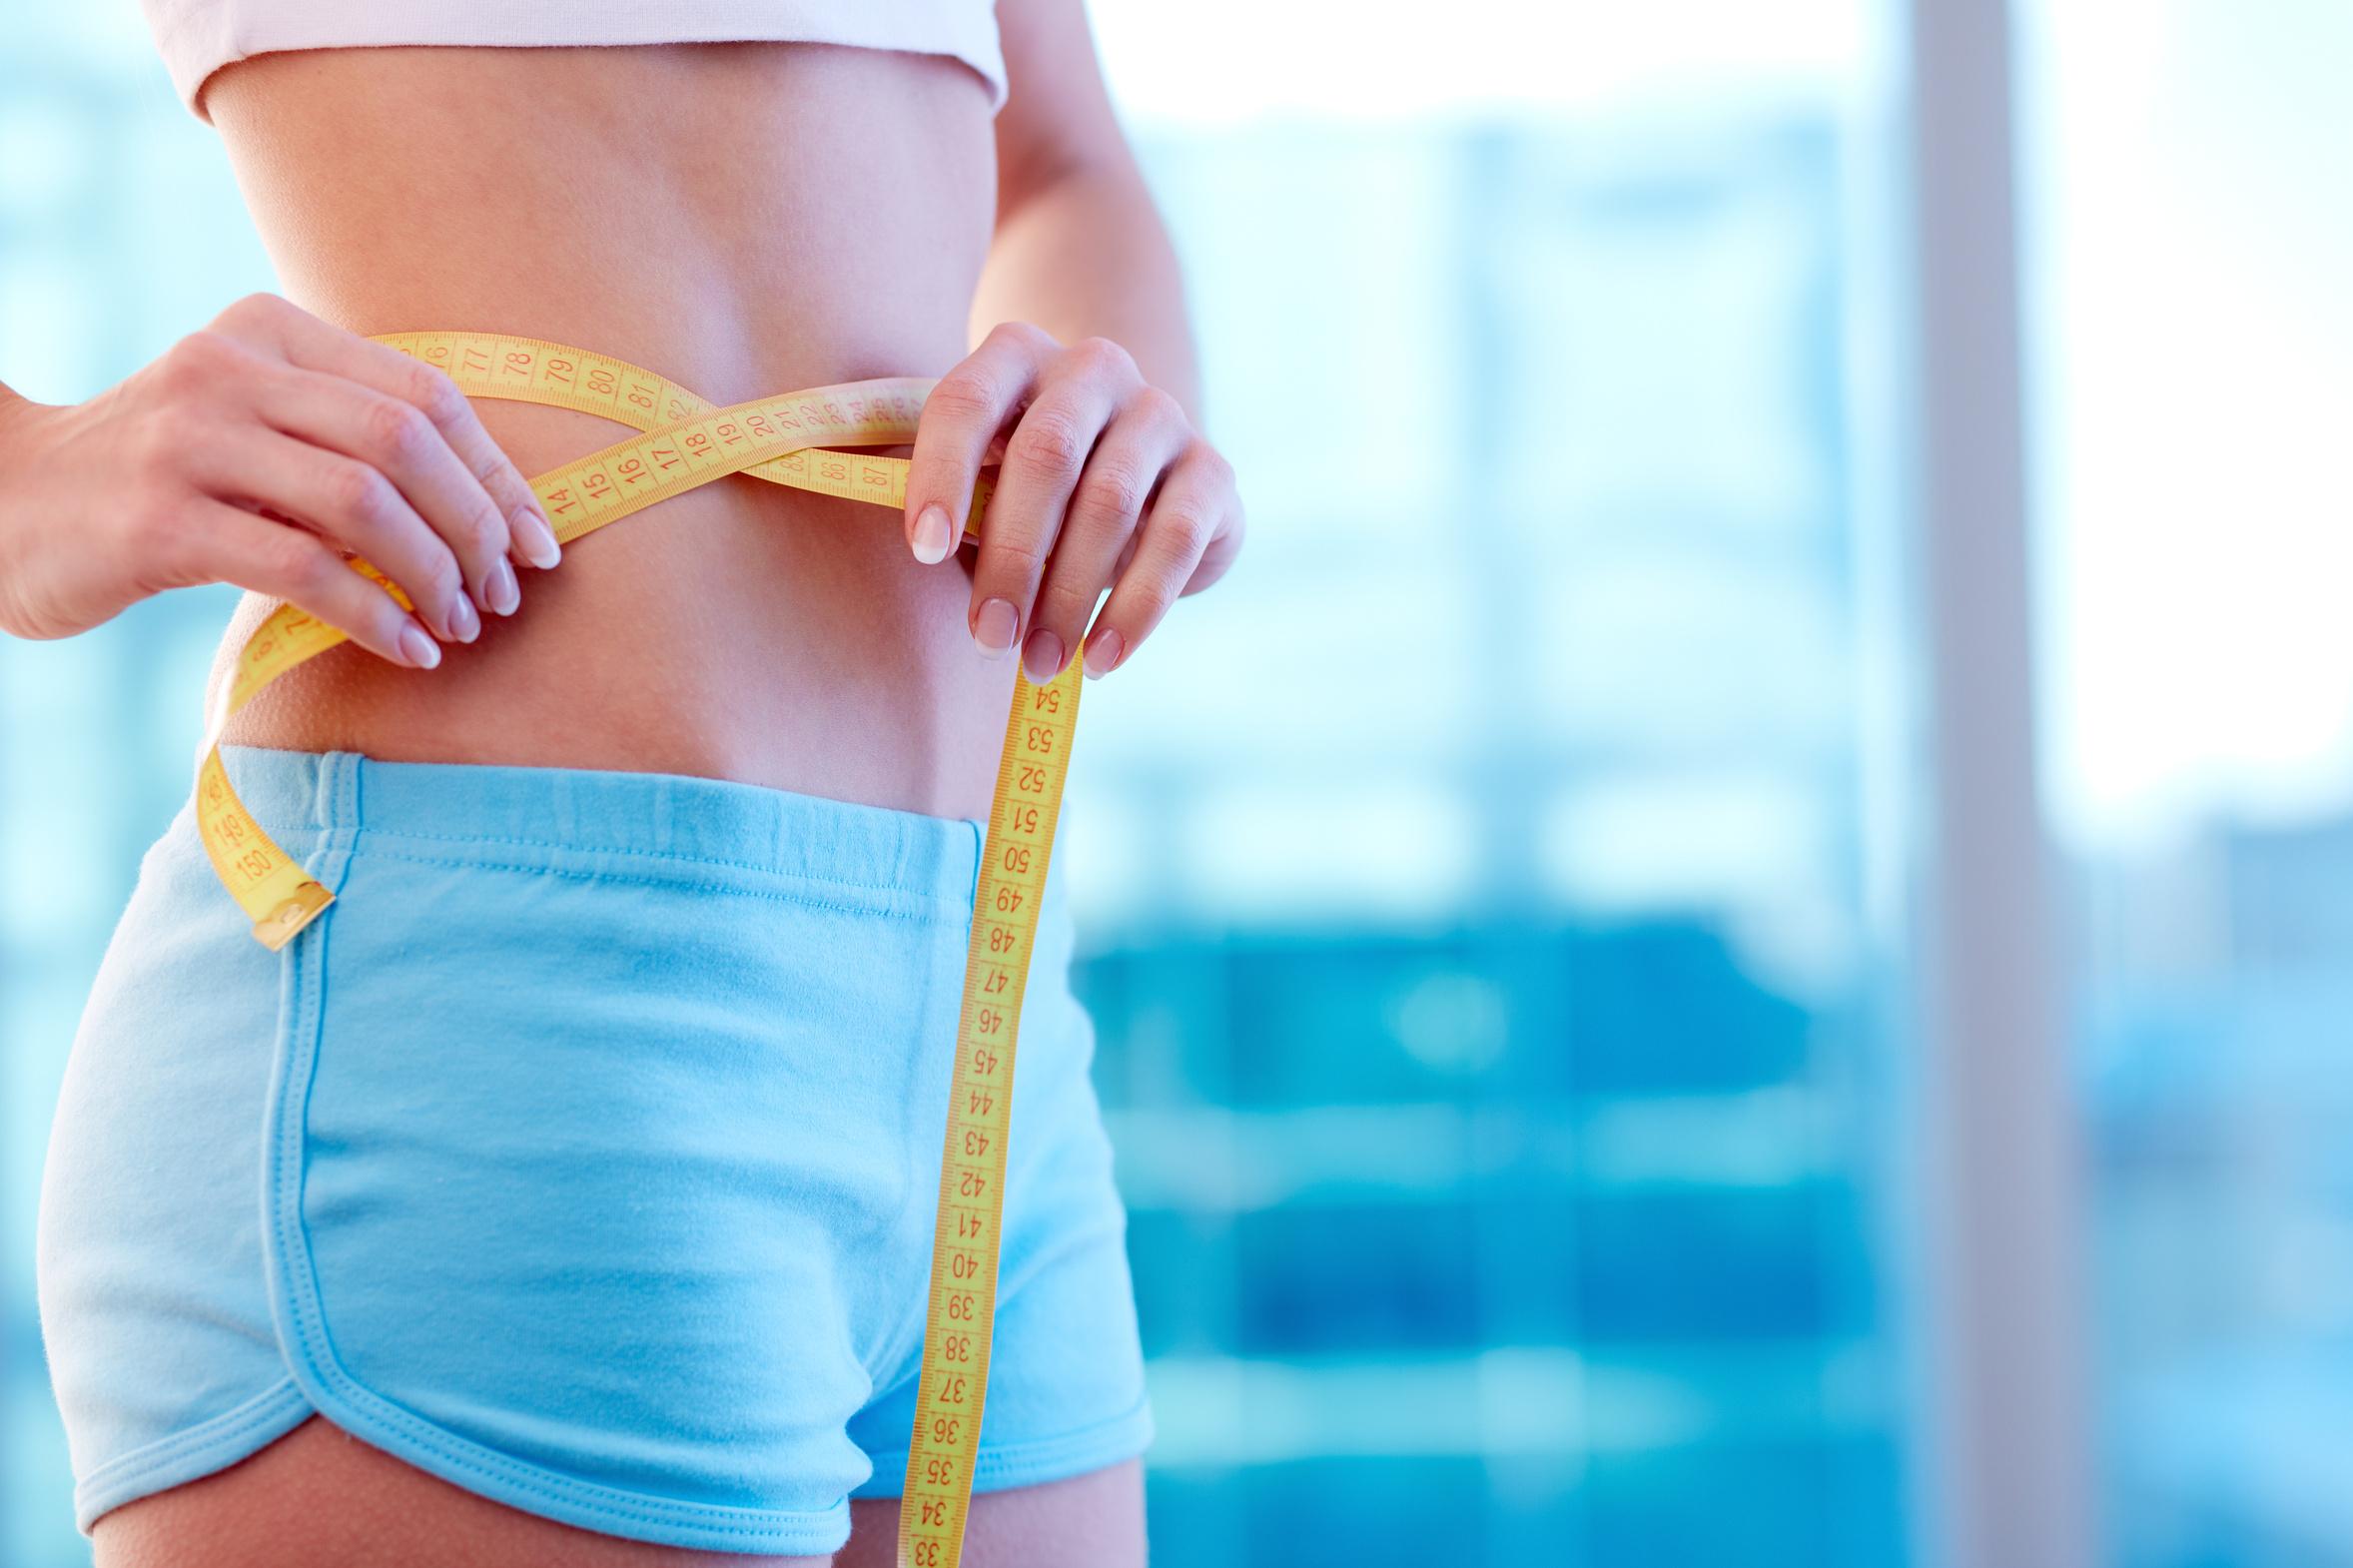 Ученые раскрыли секрет успешного похудения